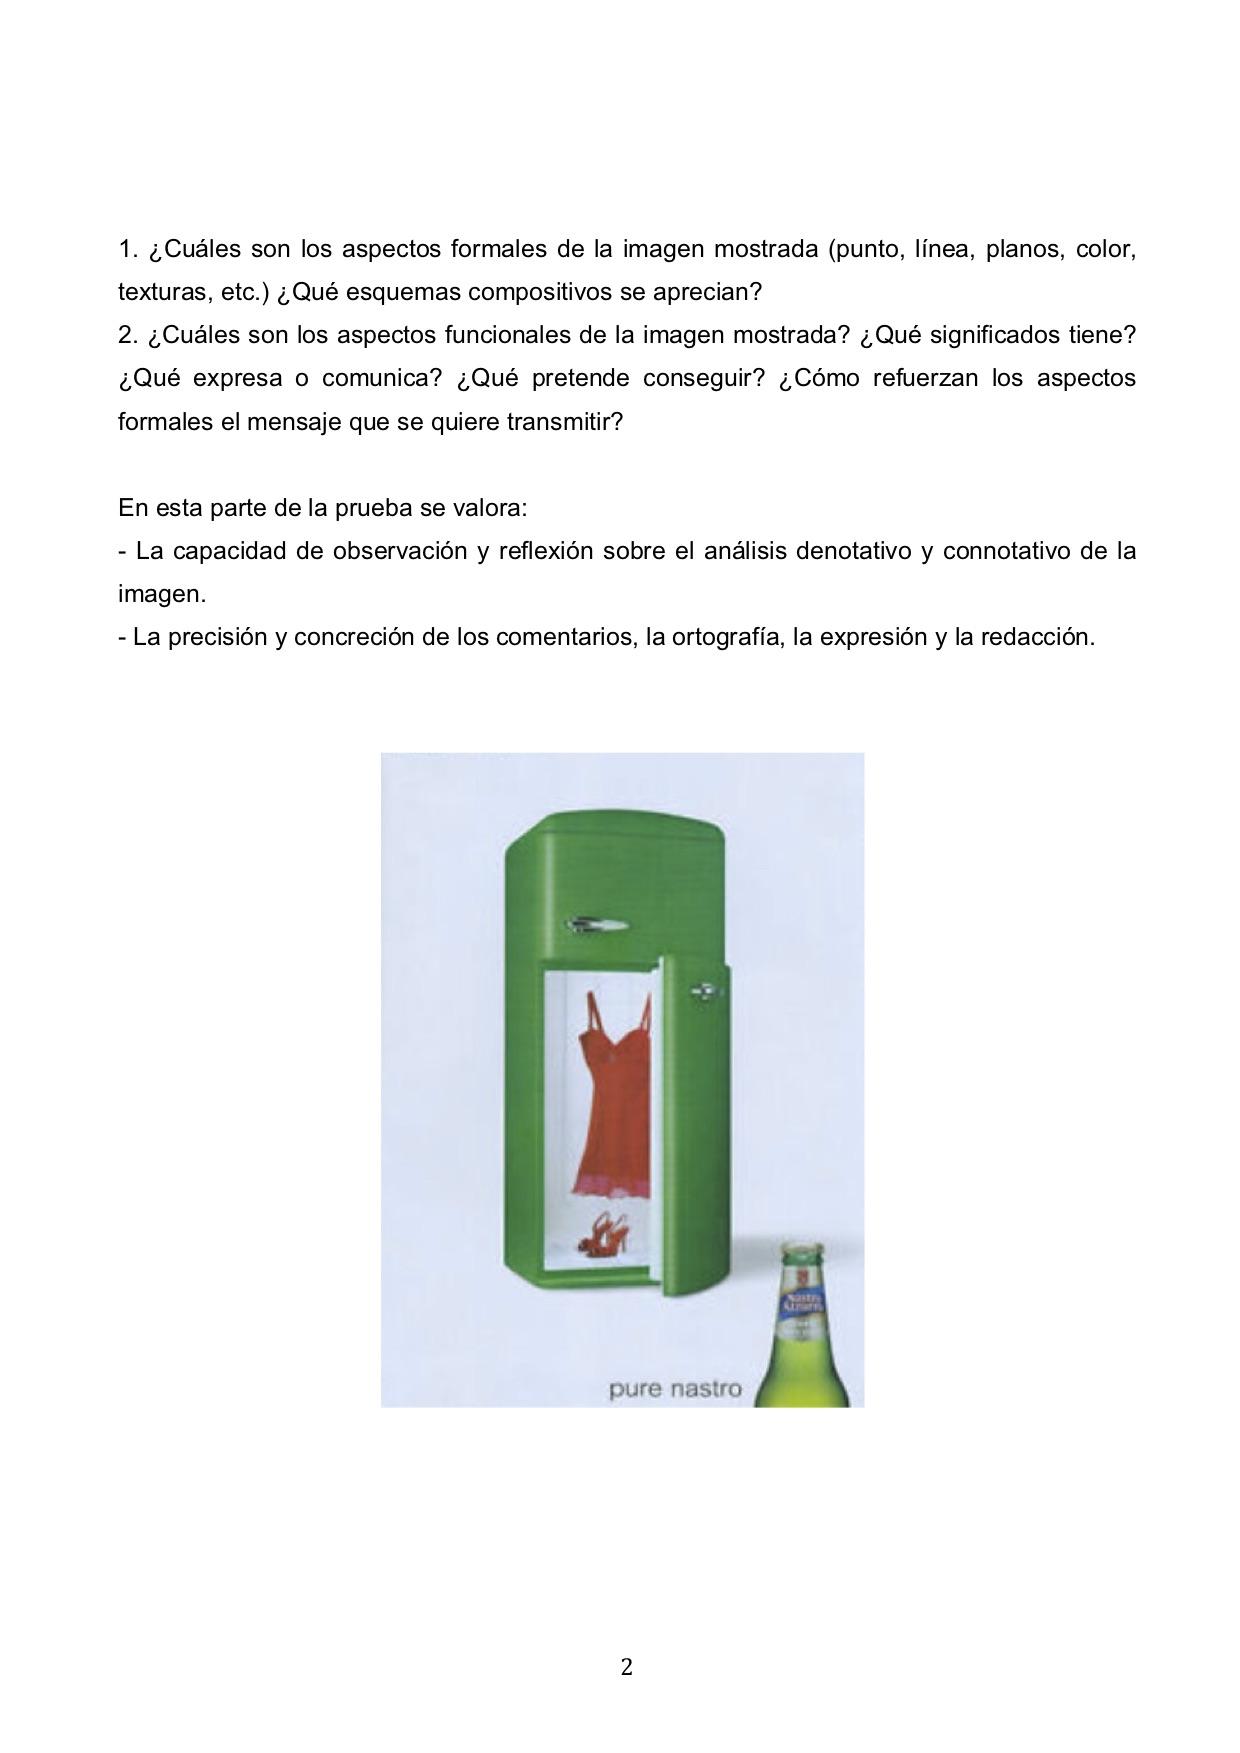 Arte-Casellas.-Clases-preparación-online.-Prueba-específica-EASDA-moda-2019-2